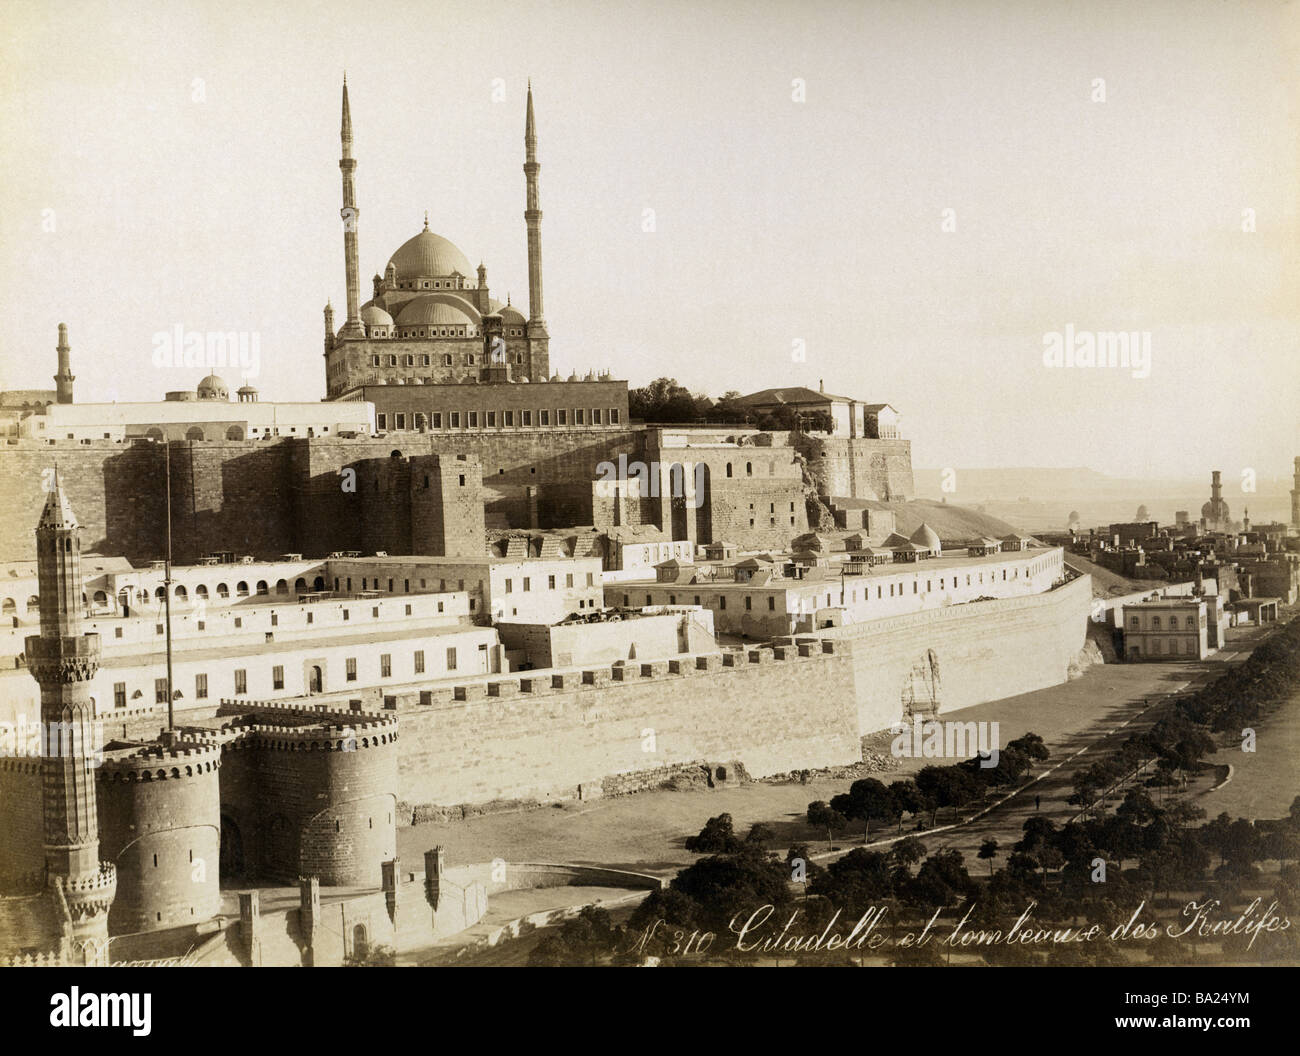 Geografia / viaggi, Egitto, al Cairo, Cittadella con la moschea di Mohamed Ali, Tombe dei Califfi a destra, fotografia Immagini Stock